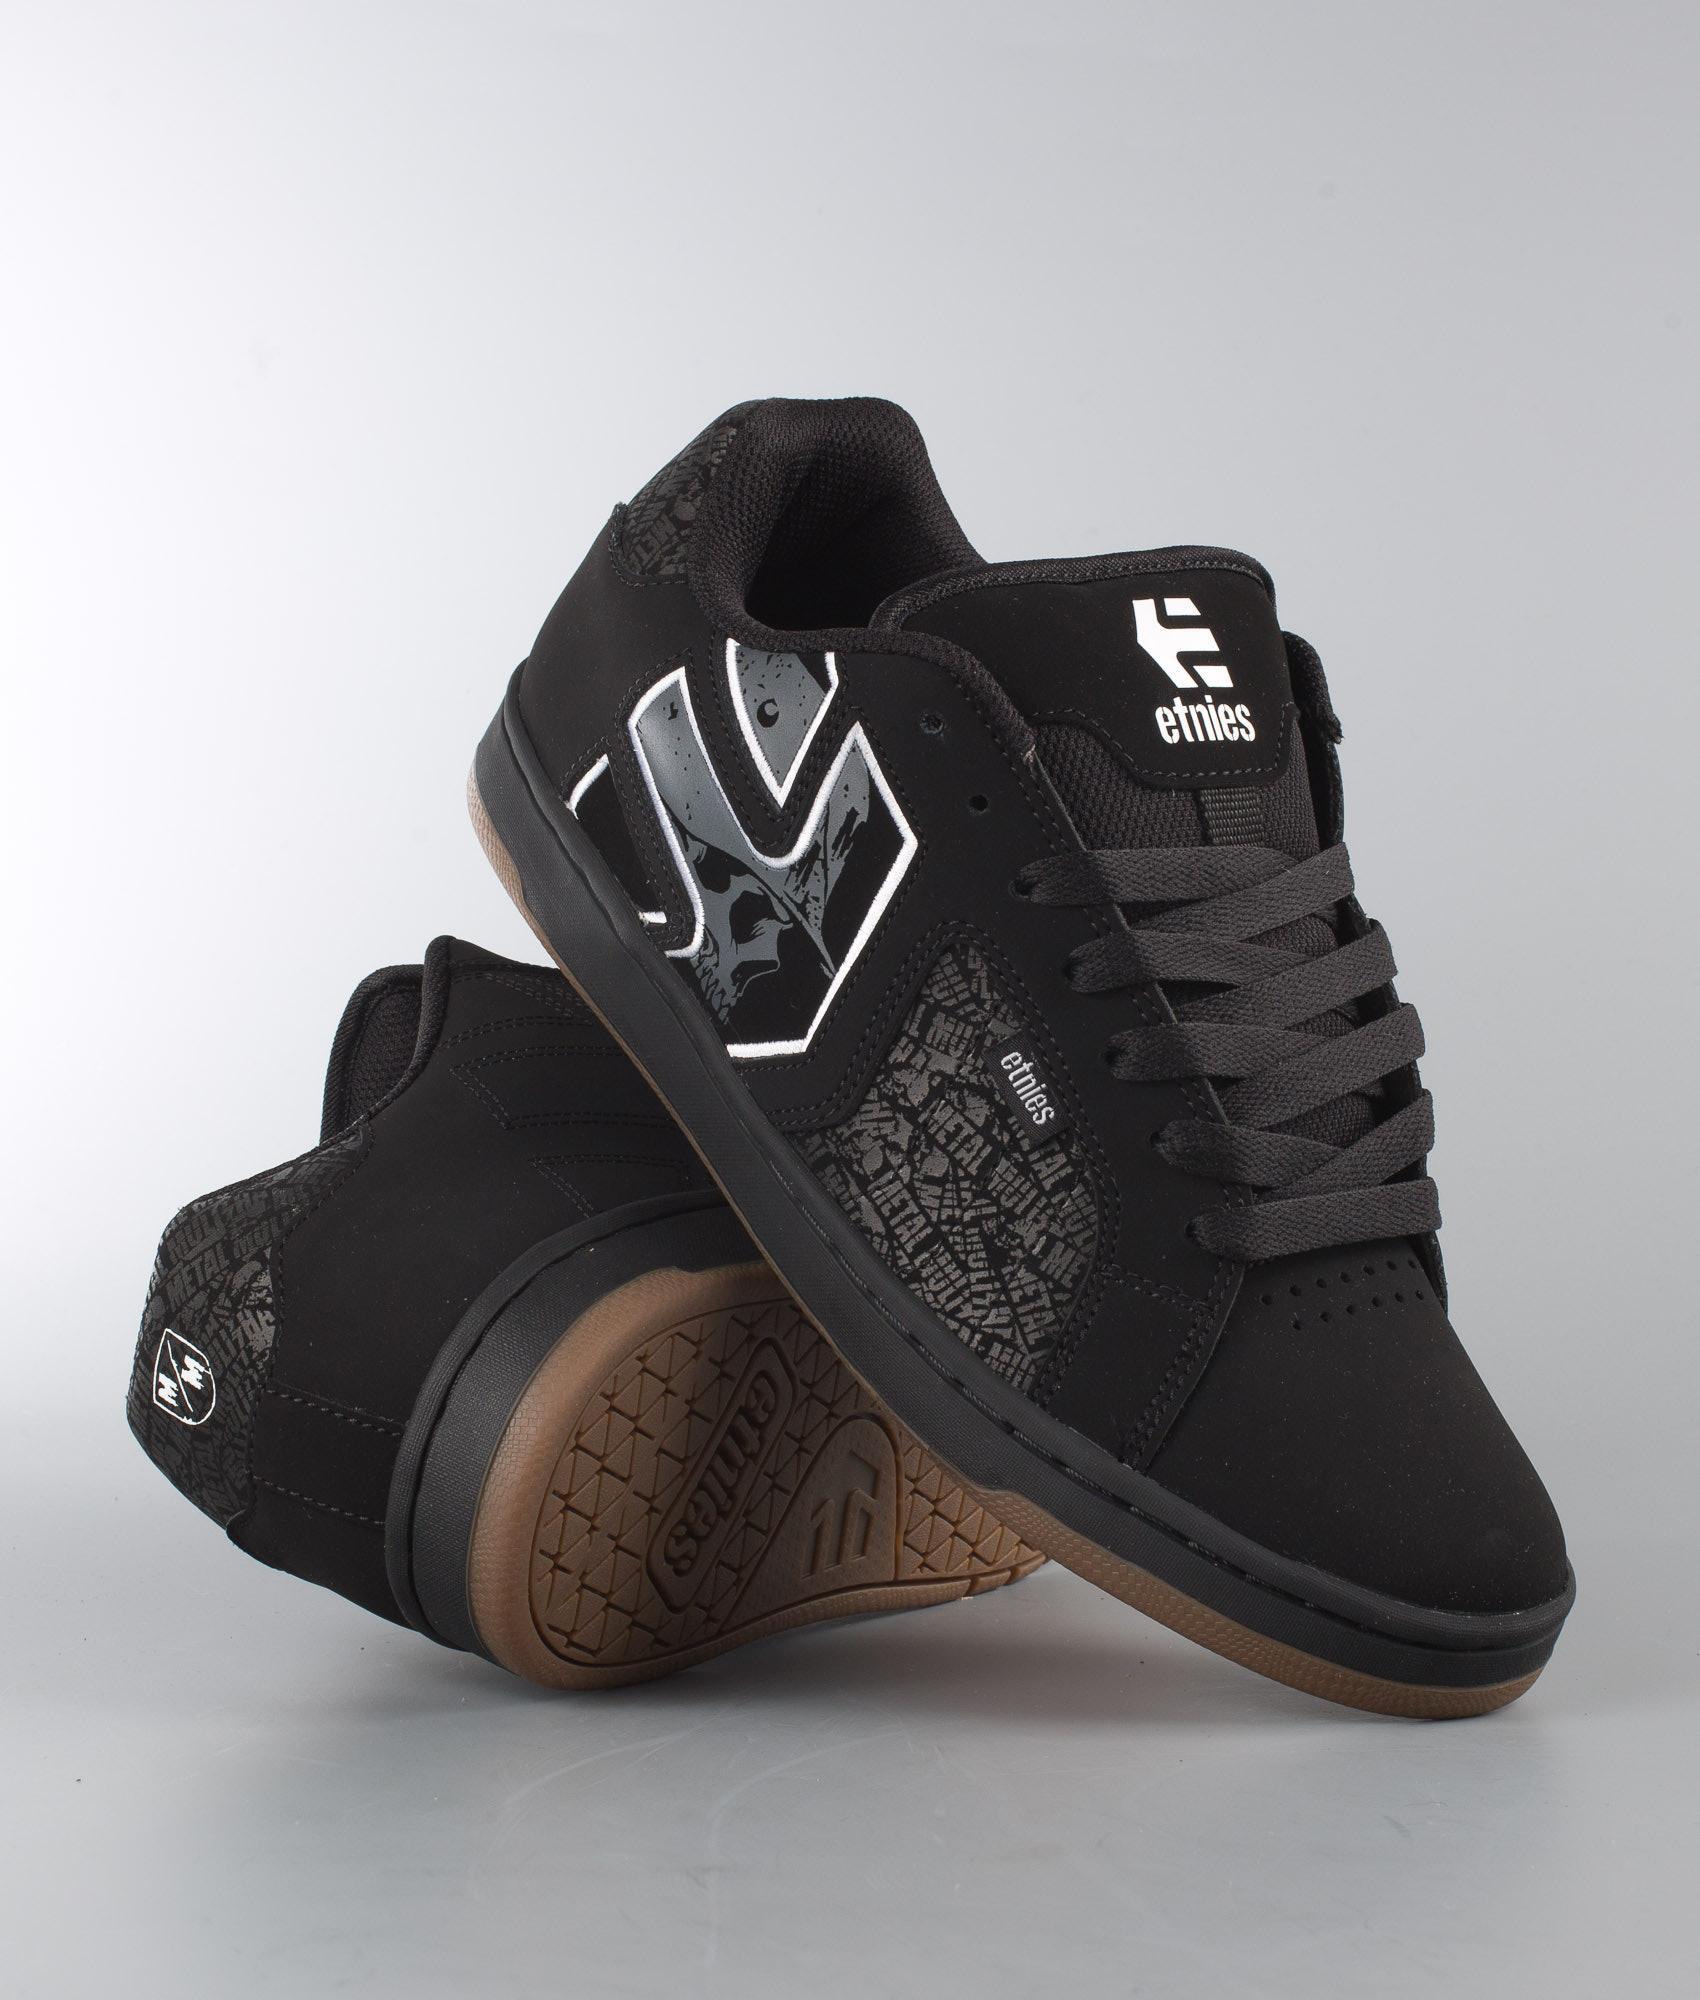 a9721e9da42 Etnies Metal Mulisha Fader 2 Shoes Black Grey White - Ridestore.com